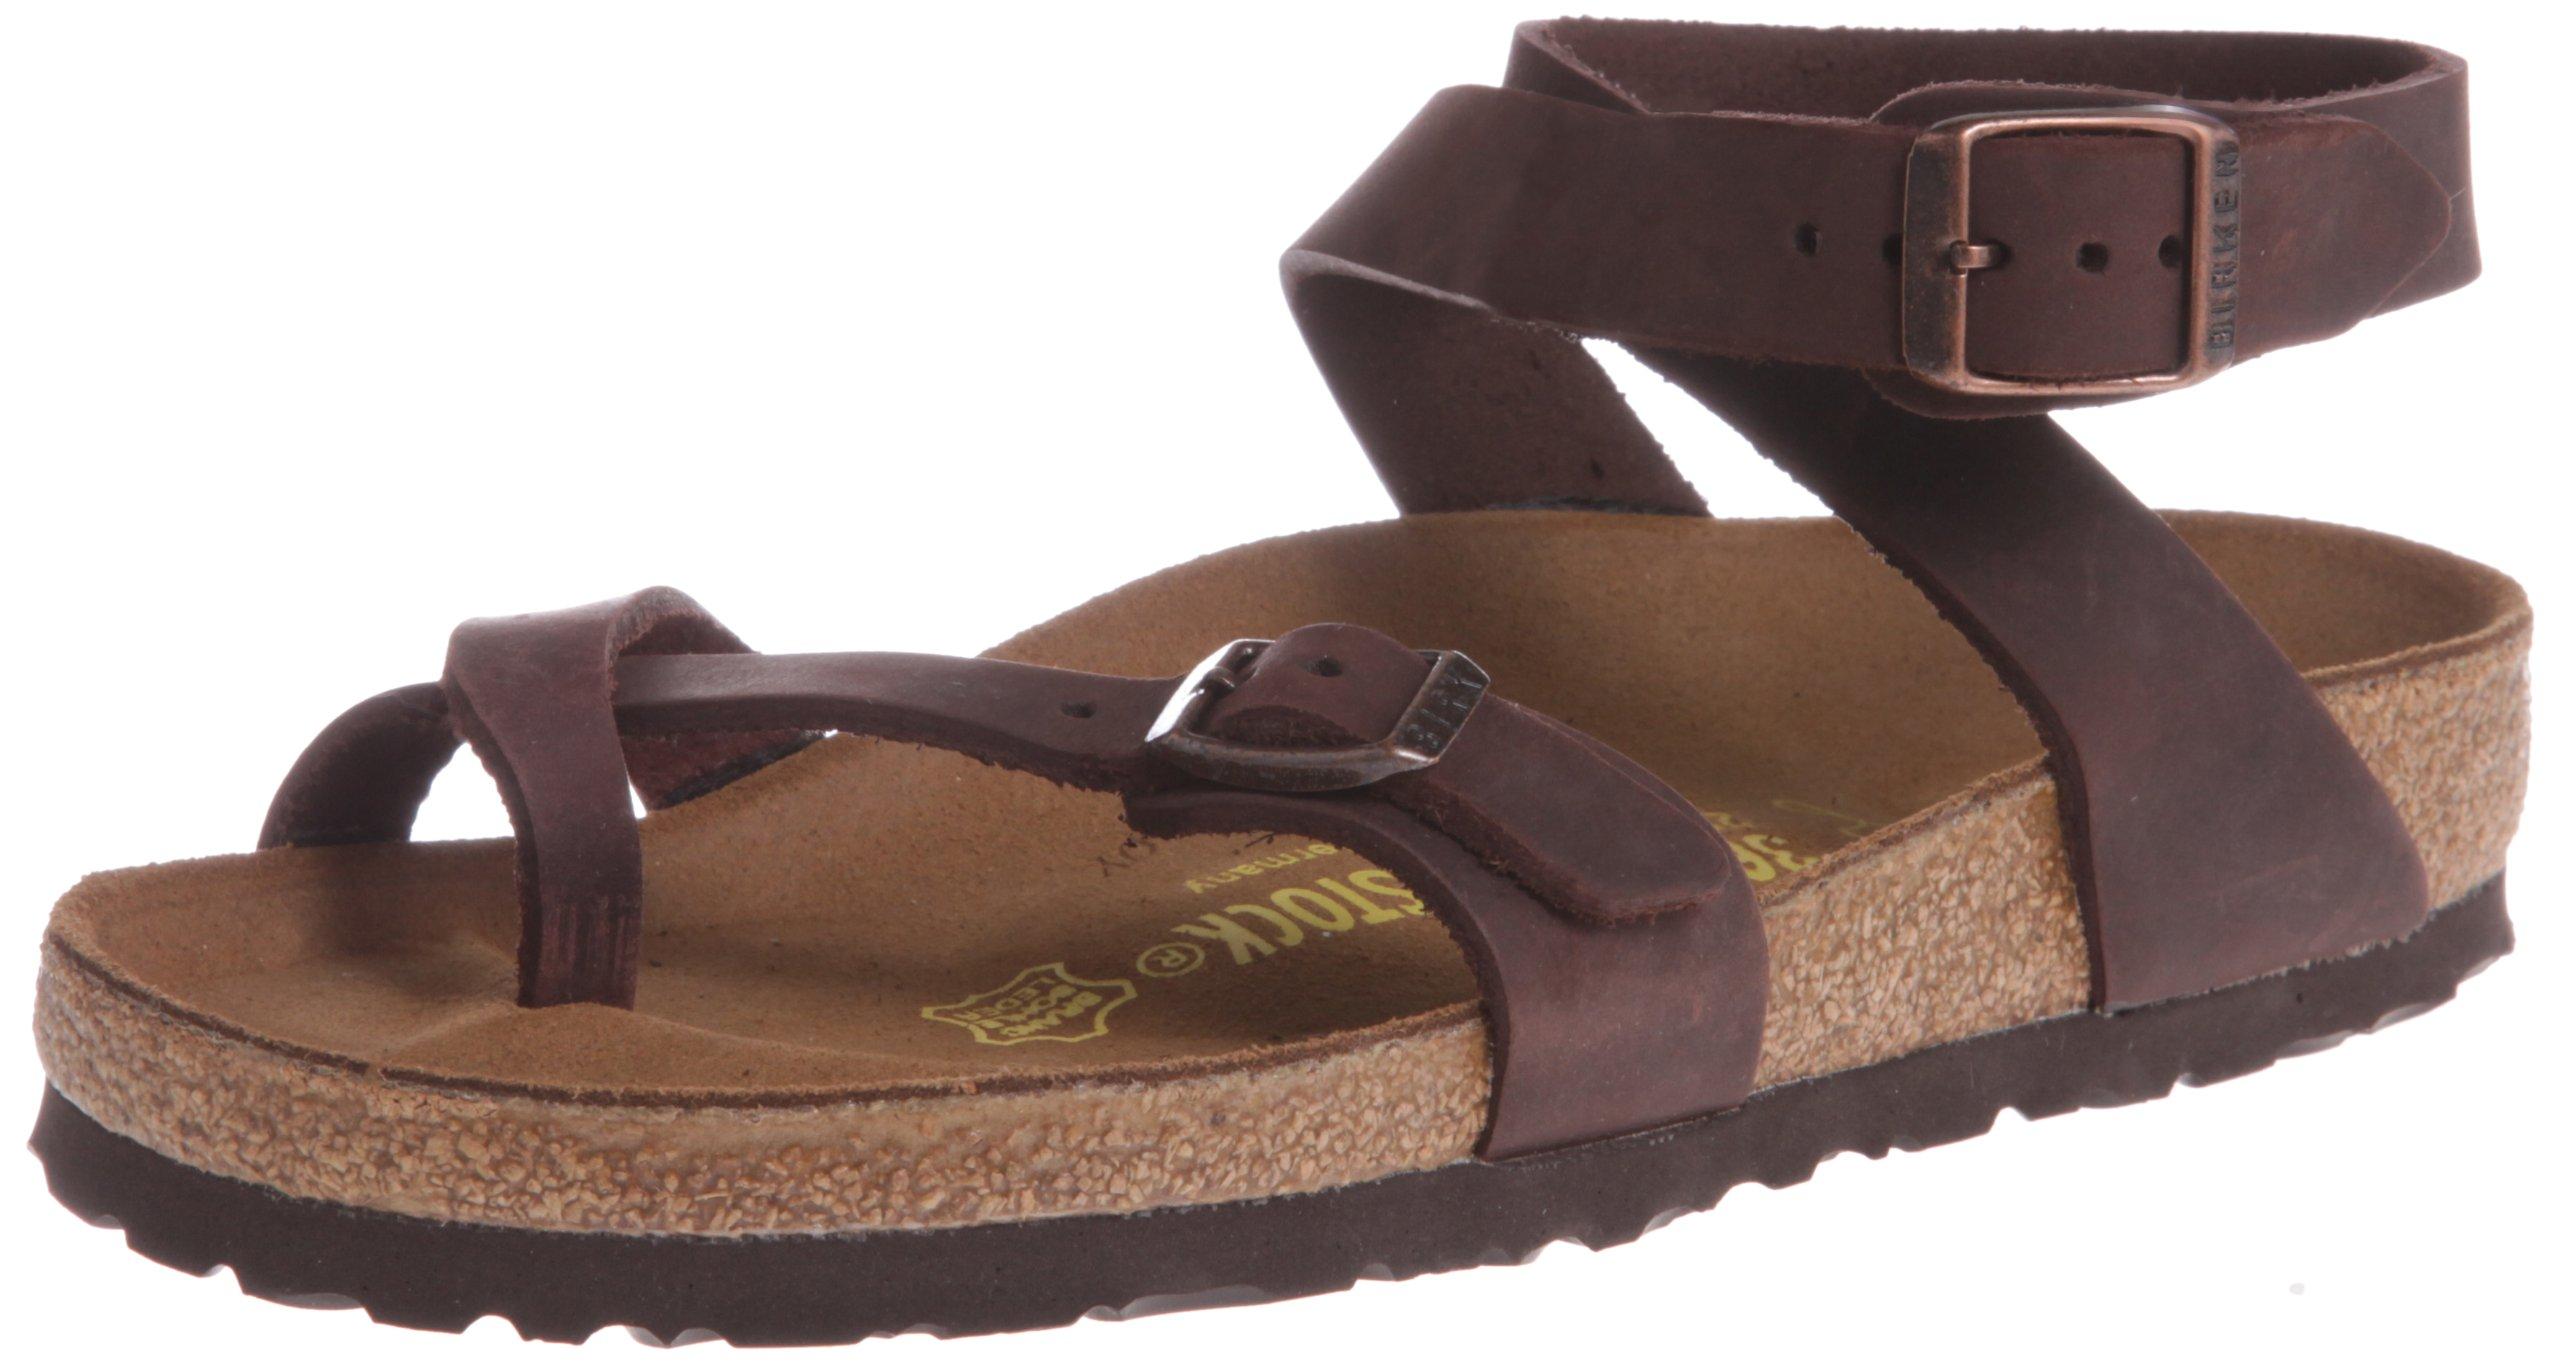 Birkenstock Women's Yara Leather Ankle-Strap Sandal,Habana,39 EU/8 M US by Birkenstock